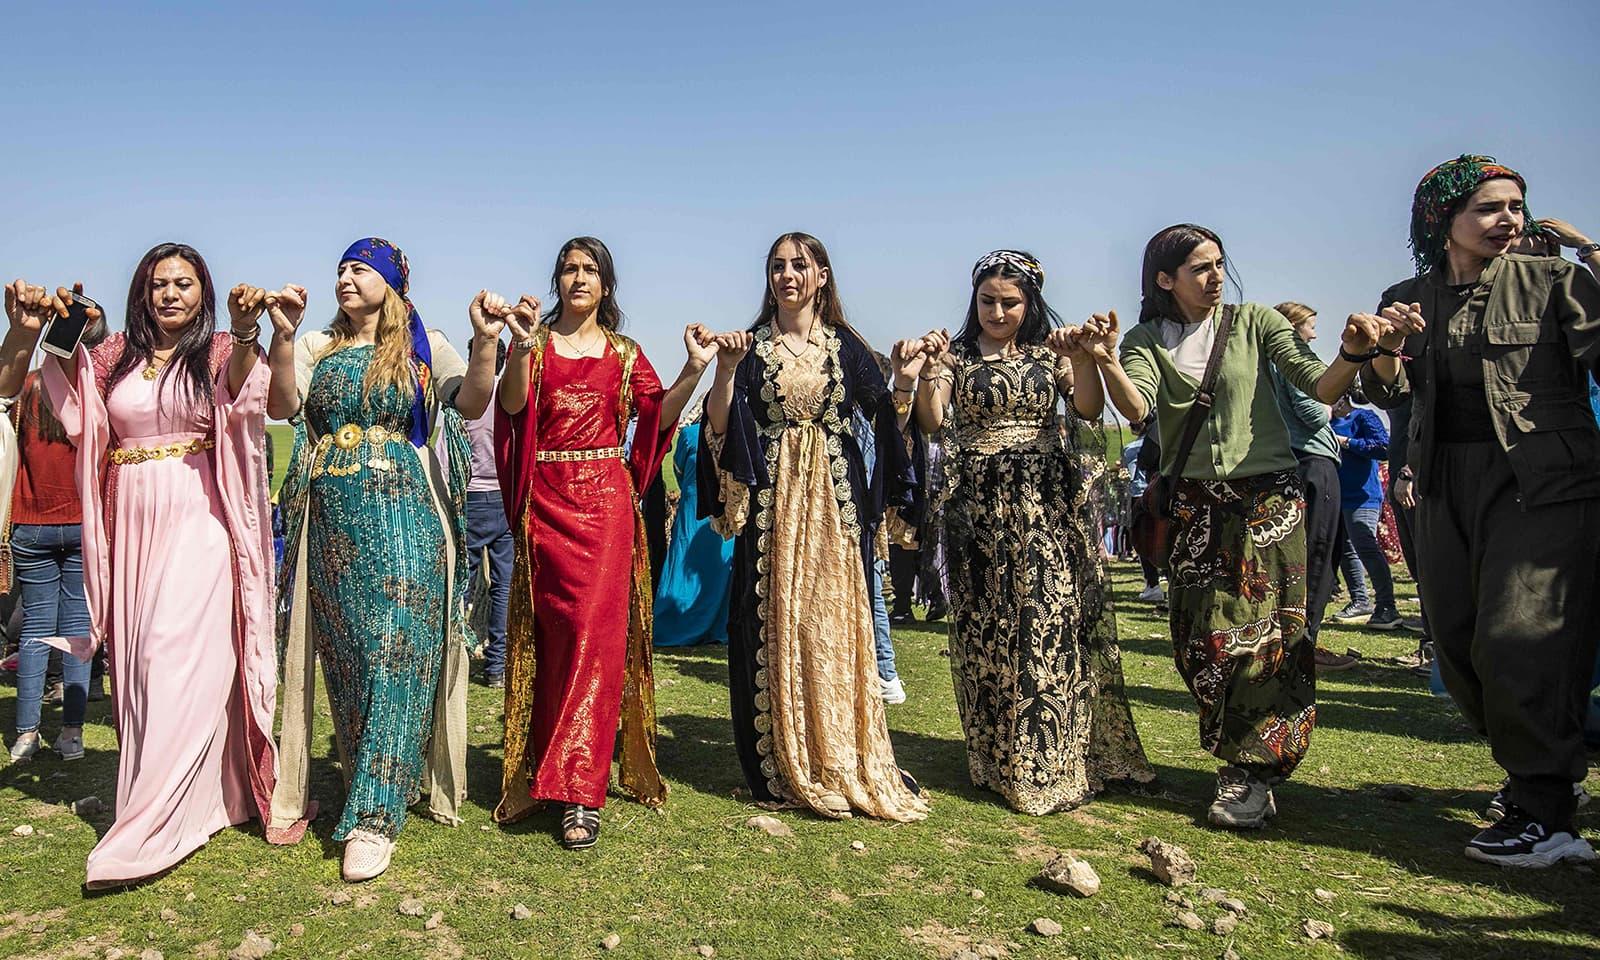 جنگ زدہ شام میں خواتین نے عالمی یوم نسواں کے دن رقص کرکے اپنی خوشی کا اظہار کیا—فوٹو: اے ایف پی